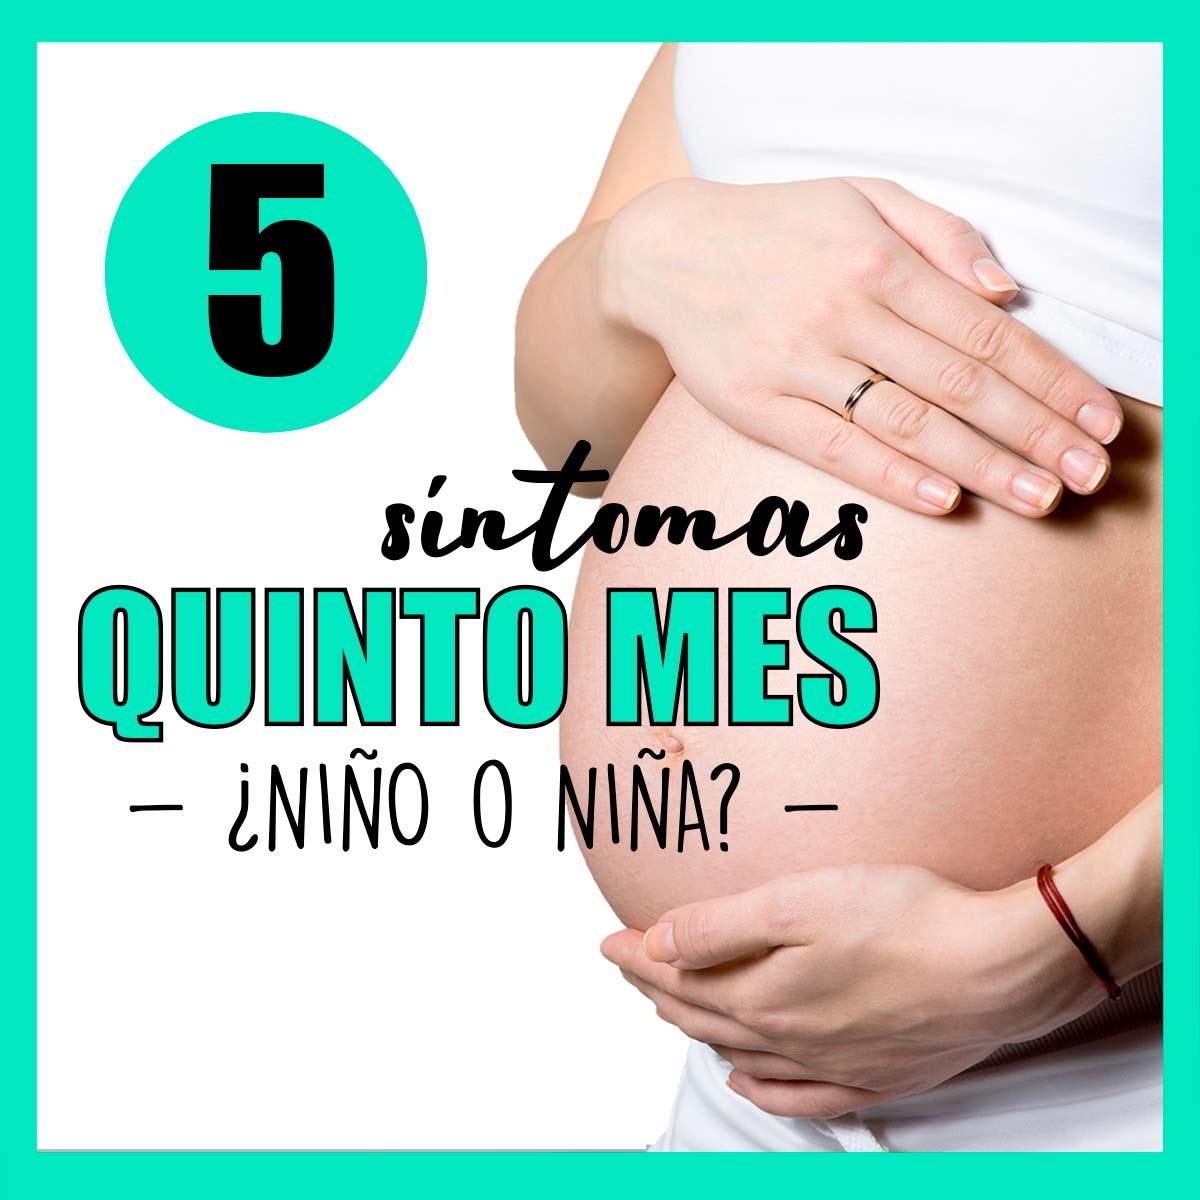 sintomas-quinto-mes-embarazo-5-mes-19-20-21-semanas-embarazada